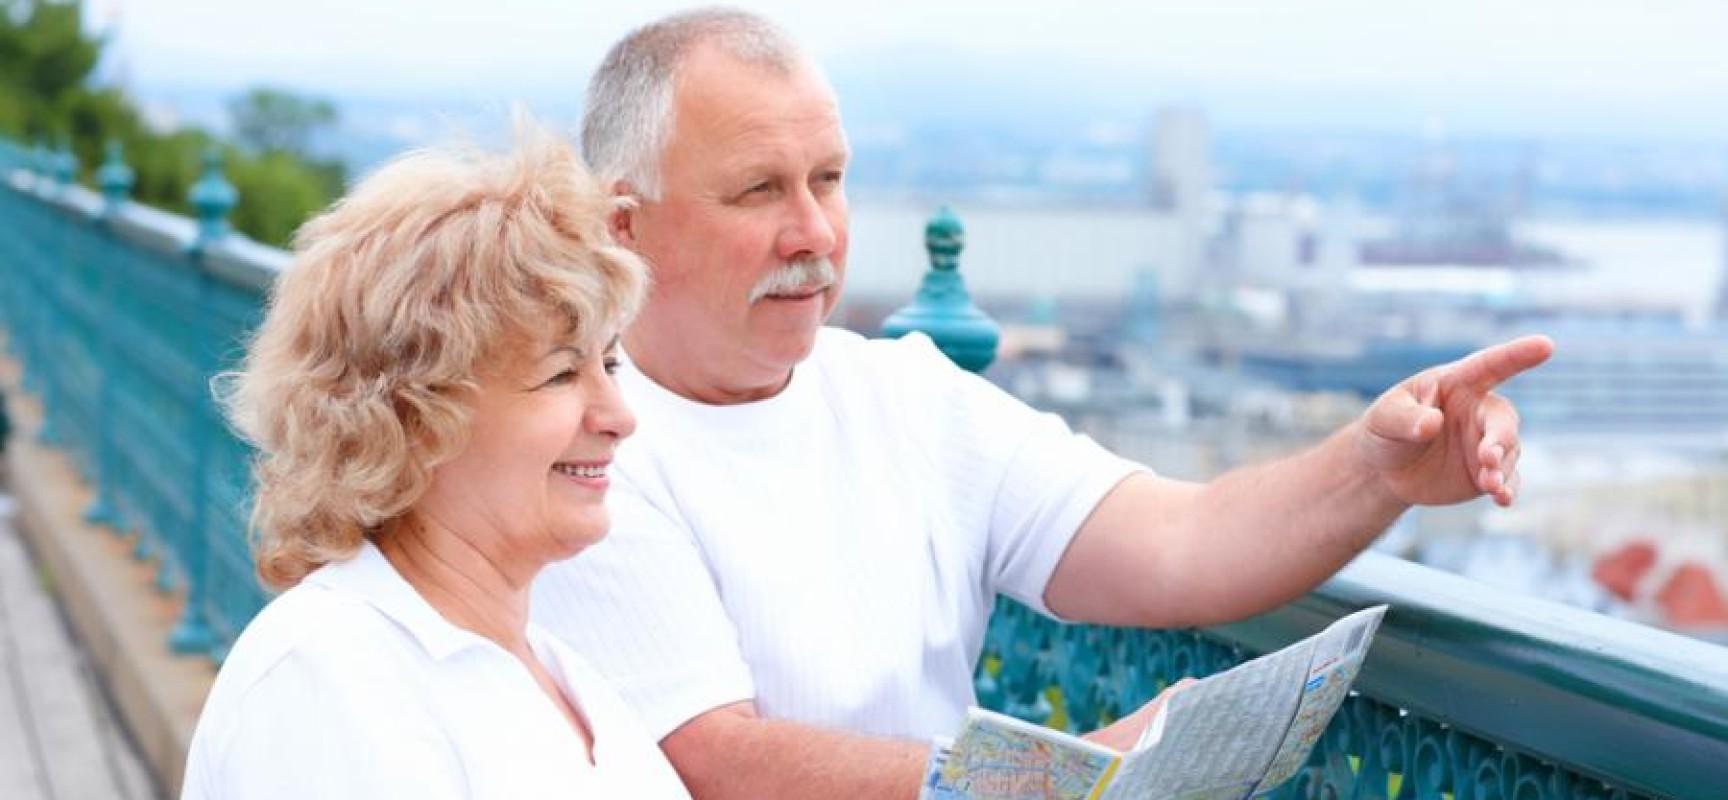 Социальный отпуск: виды, оформление, документы